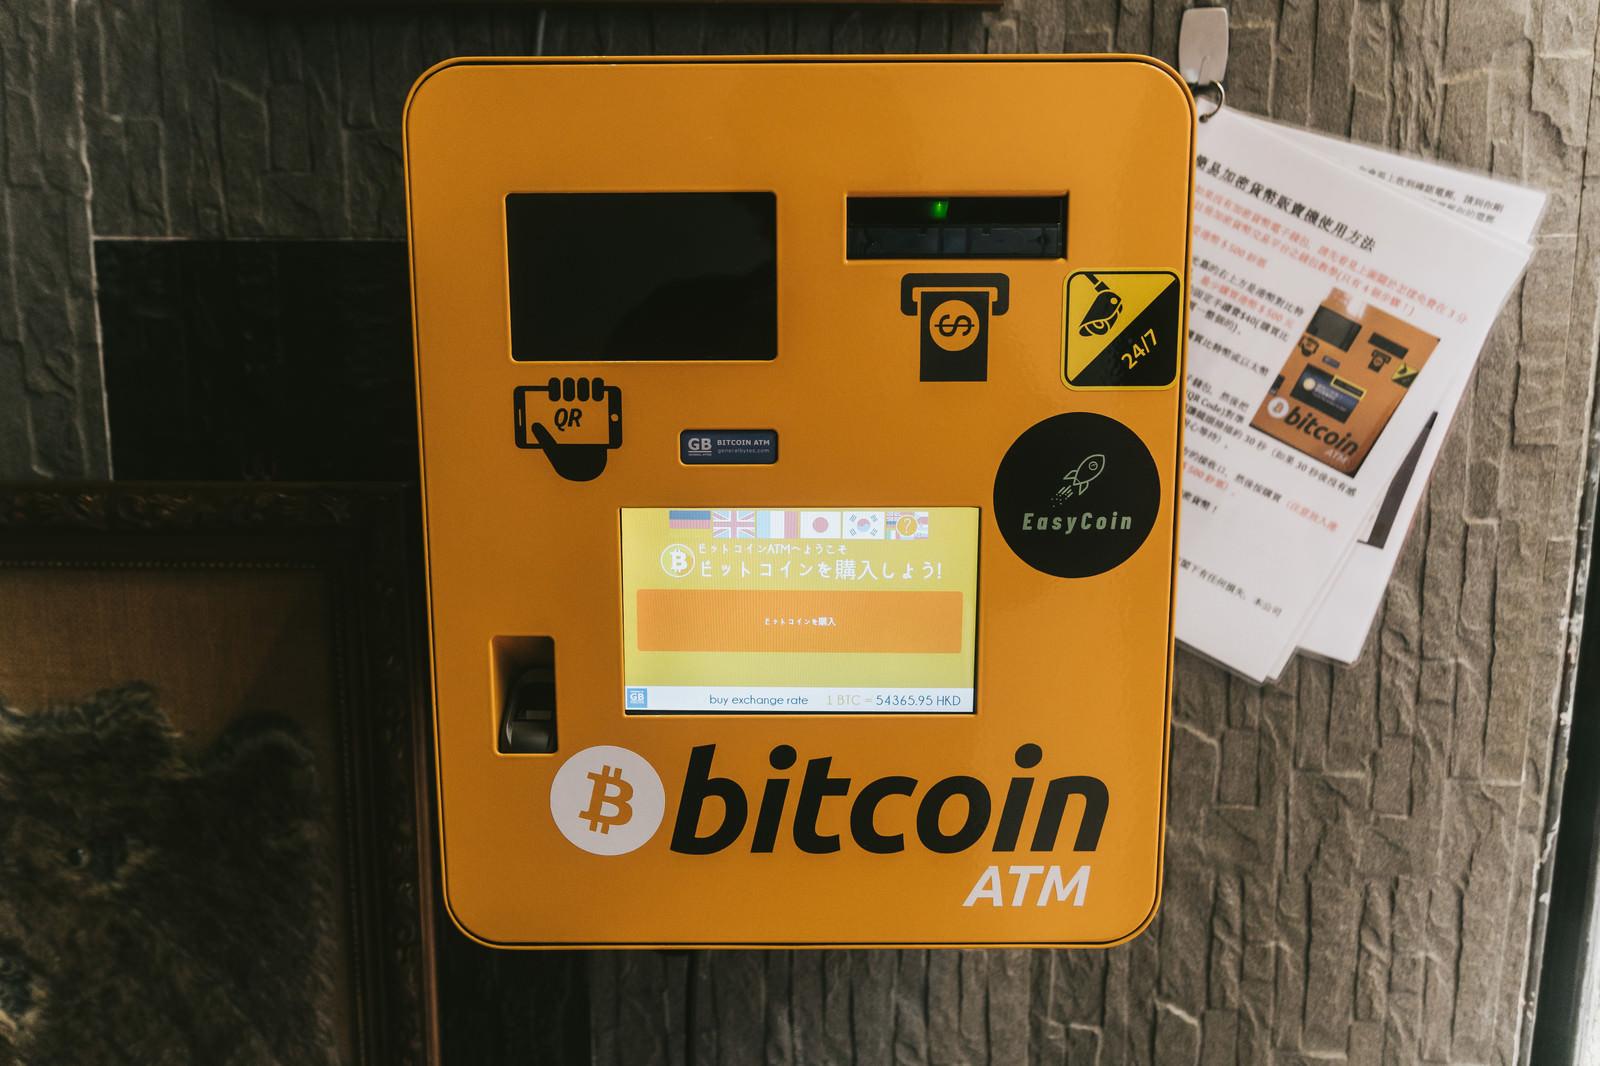 「bitcoinが手軽に使えるATM」の写真